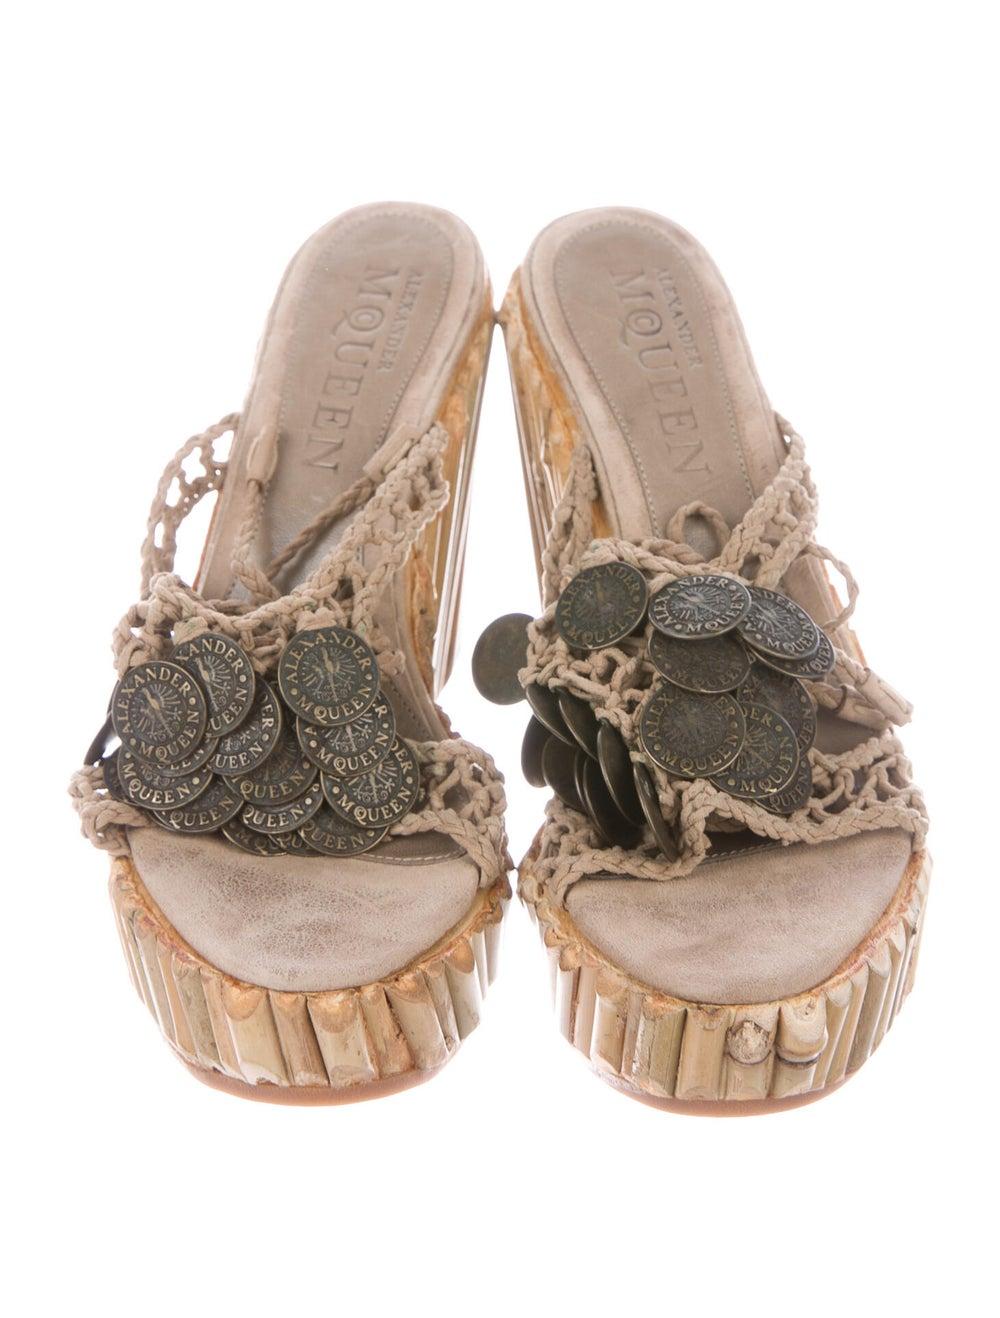 Alexander McQueen Sandals - image 3